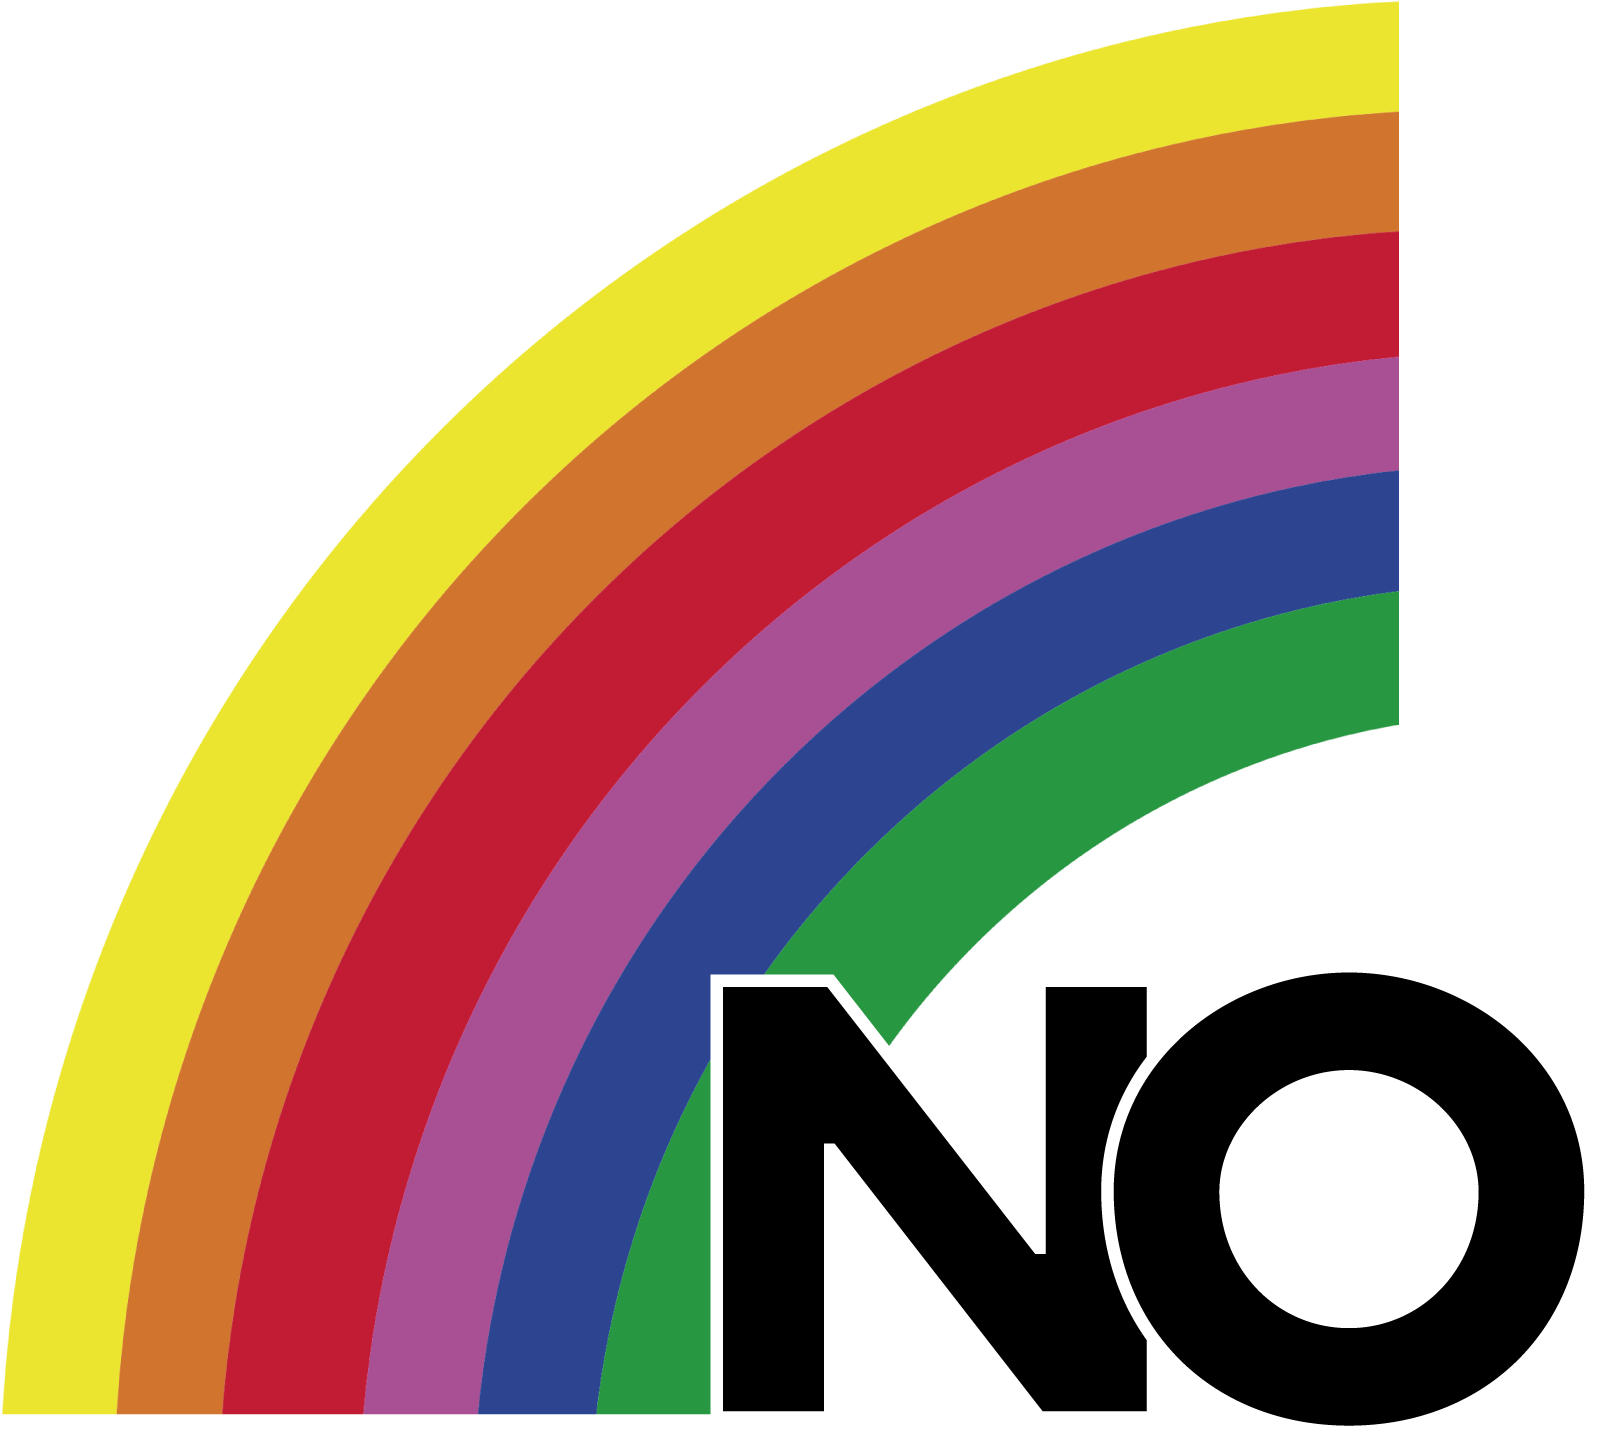 The logo for the No campaign for the 1988 plebiscite in Chile, via Wikipedia